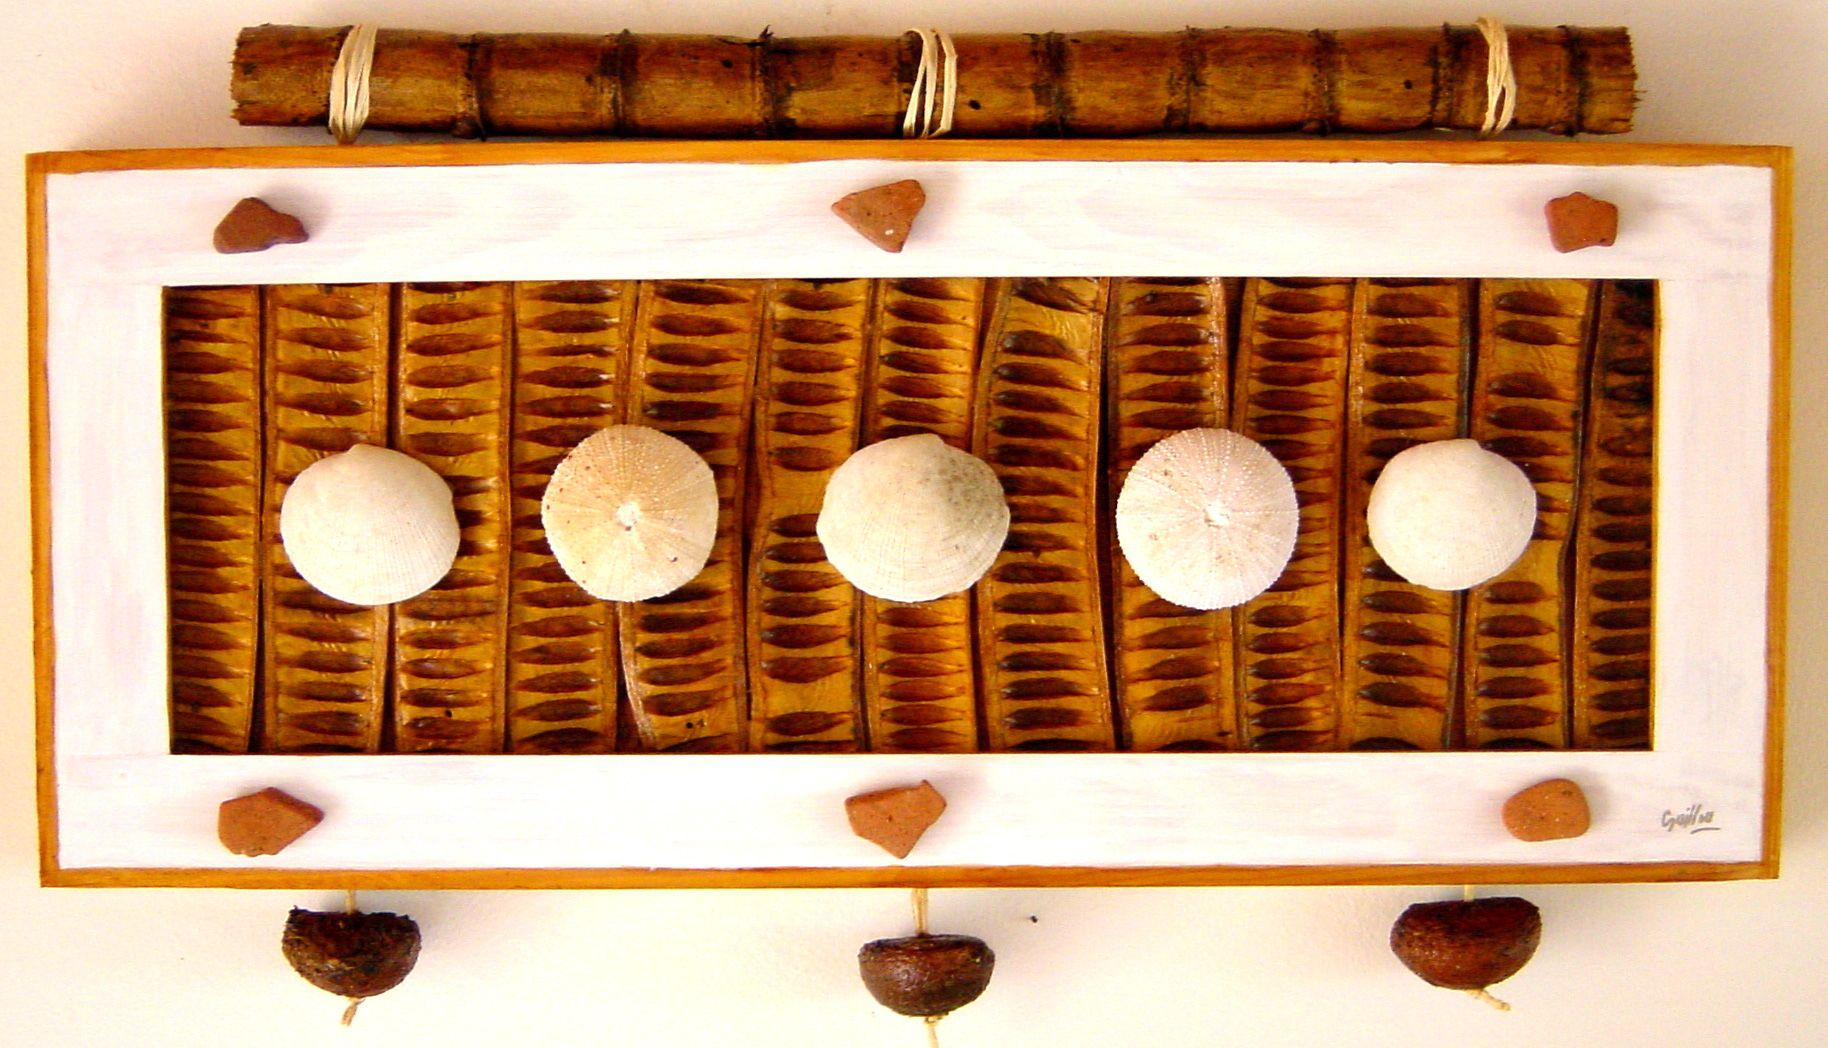 Tableau Bois Et Nature Flamboyant Canneasucre Coquillages Cosses Bois Martinique En 2020 Tableau En Bois Mobilier De Salon Decoration Interieure